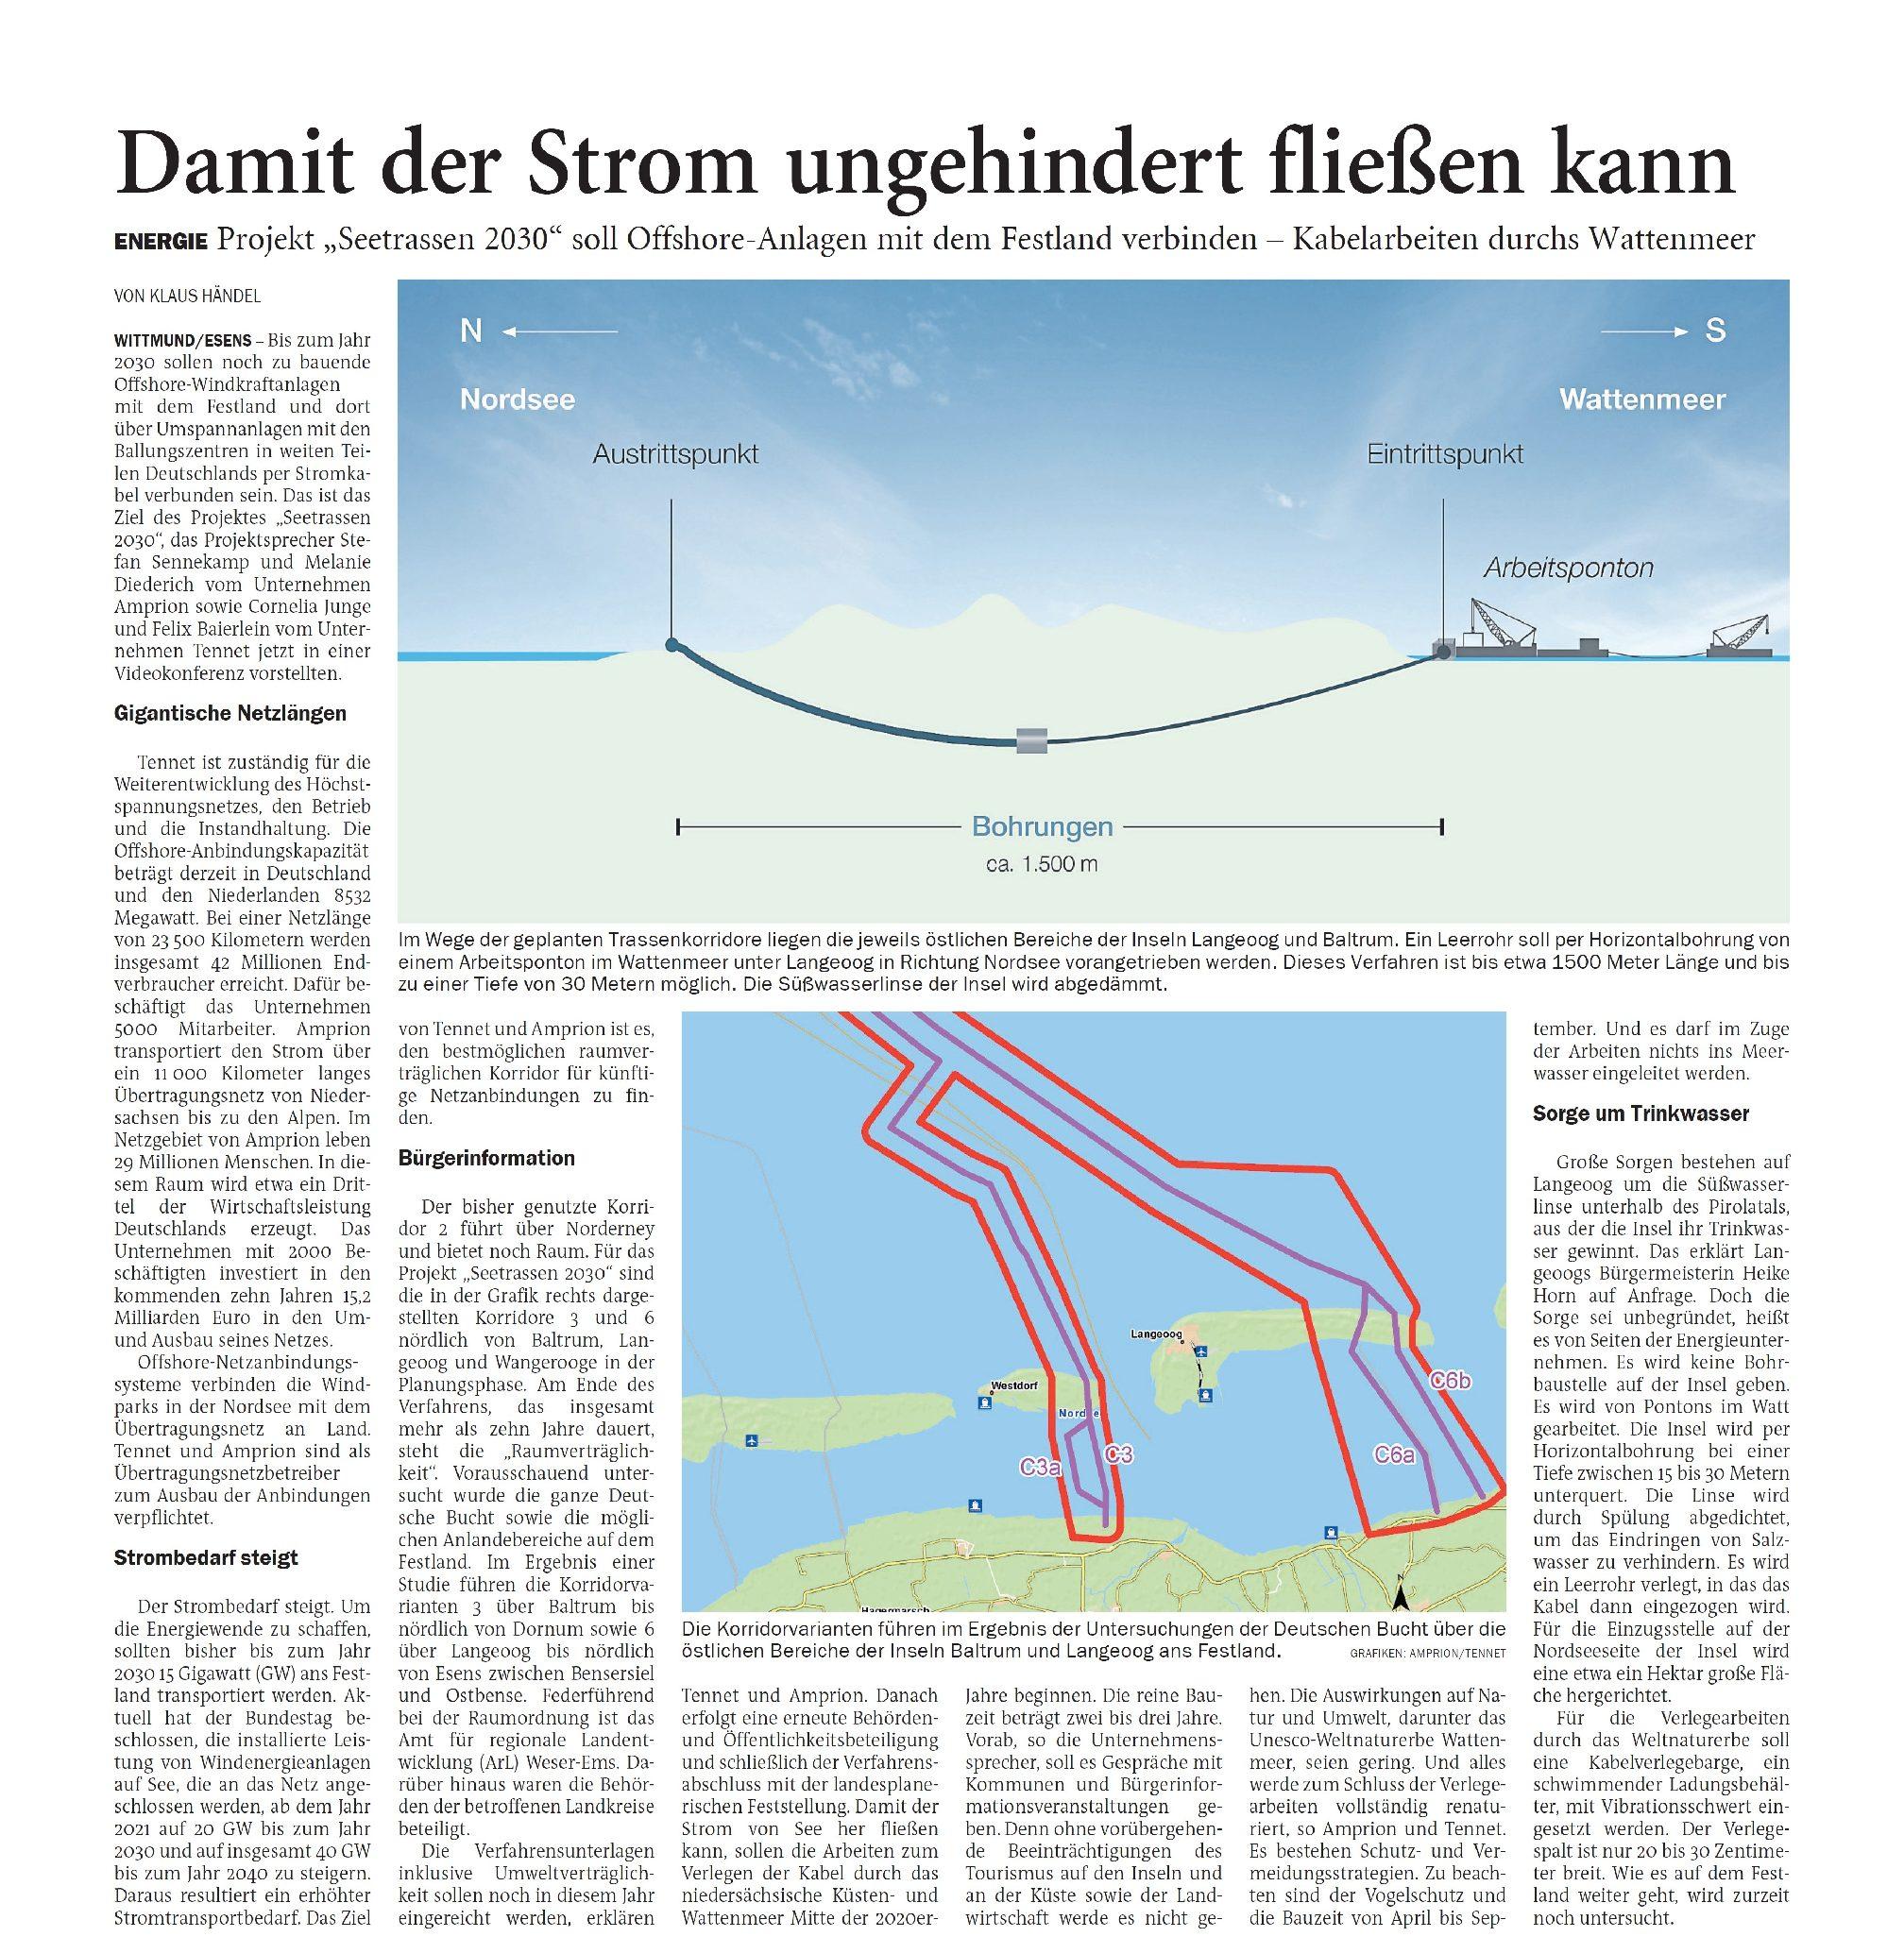 Jeversches Wochenblatt 19.11.2020 IV